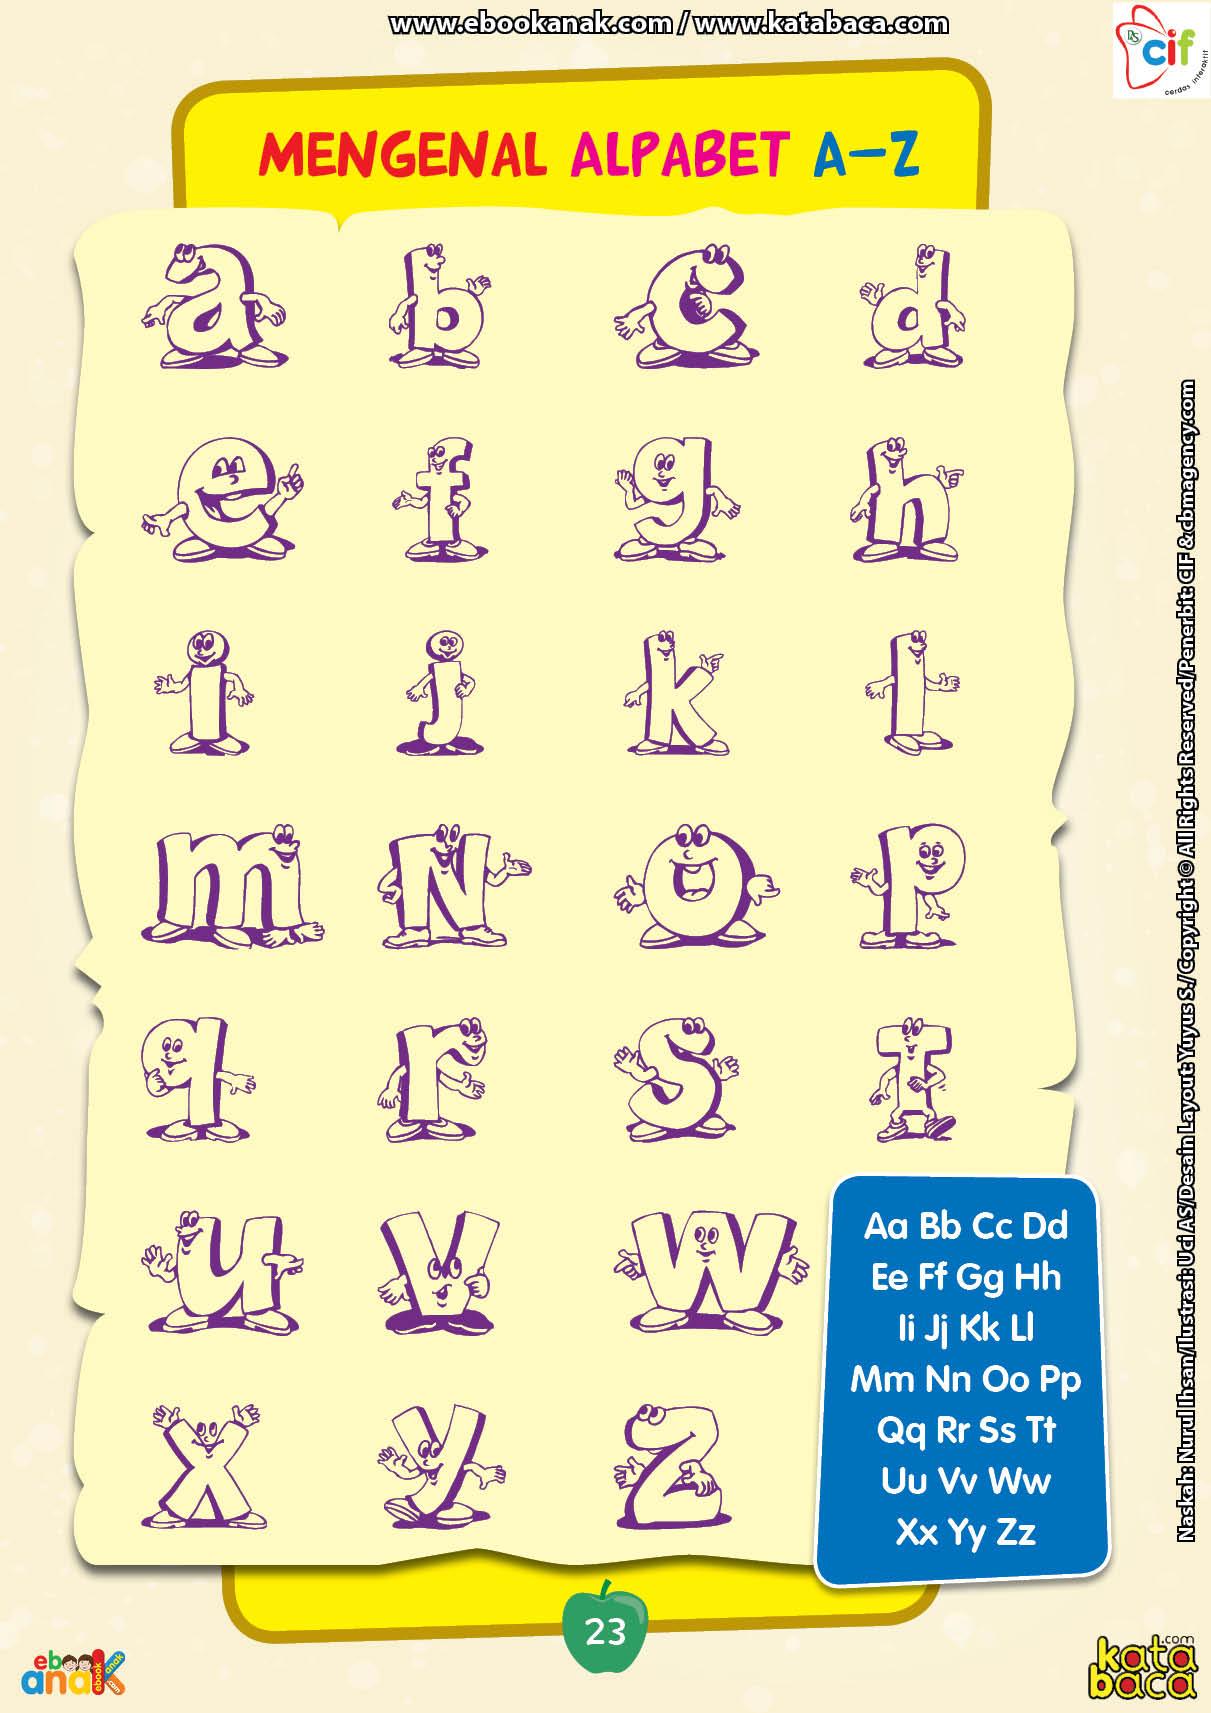 baca buku online brain games calistung23 Belajar Mengenal Nama-Nama Huruf Alfabet dari A-Z